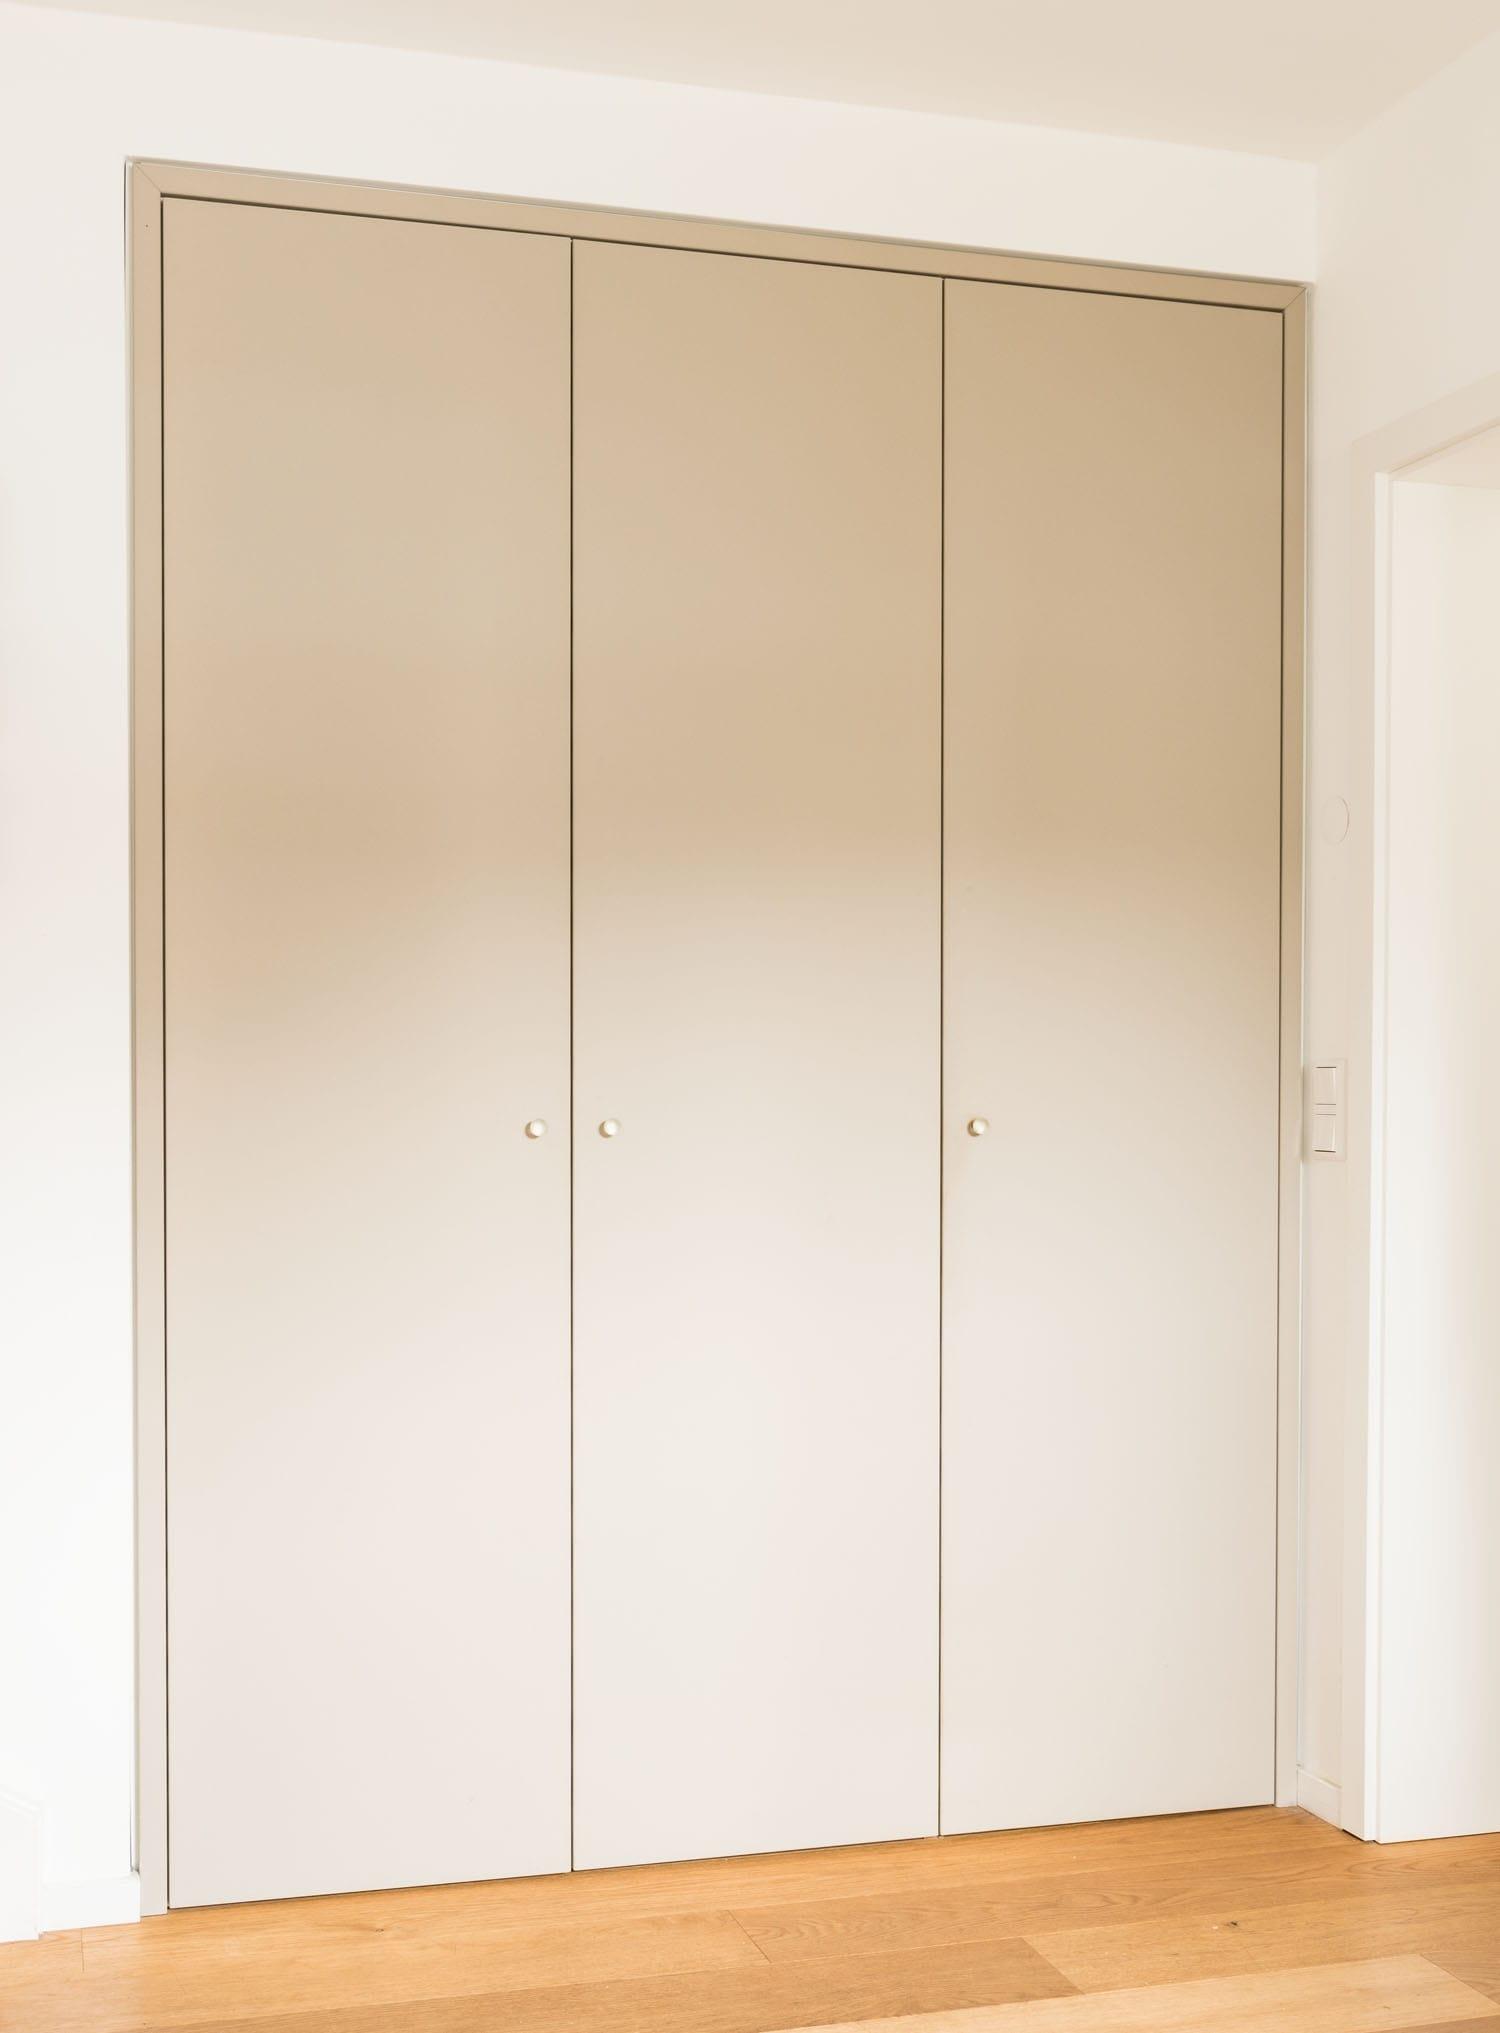 tischlerei-hanses-essen-moebel-handwerk-garderobe-2